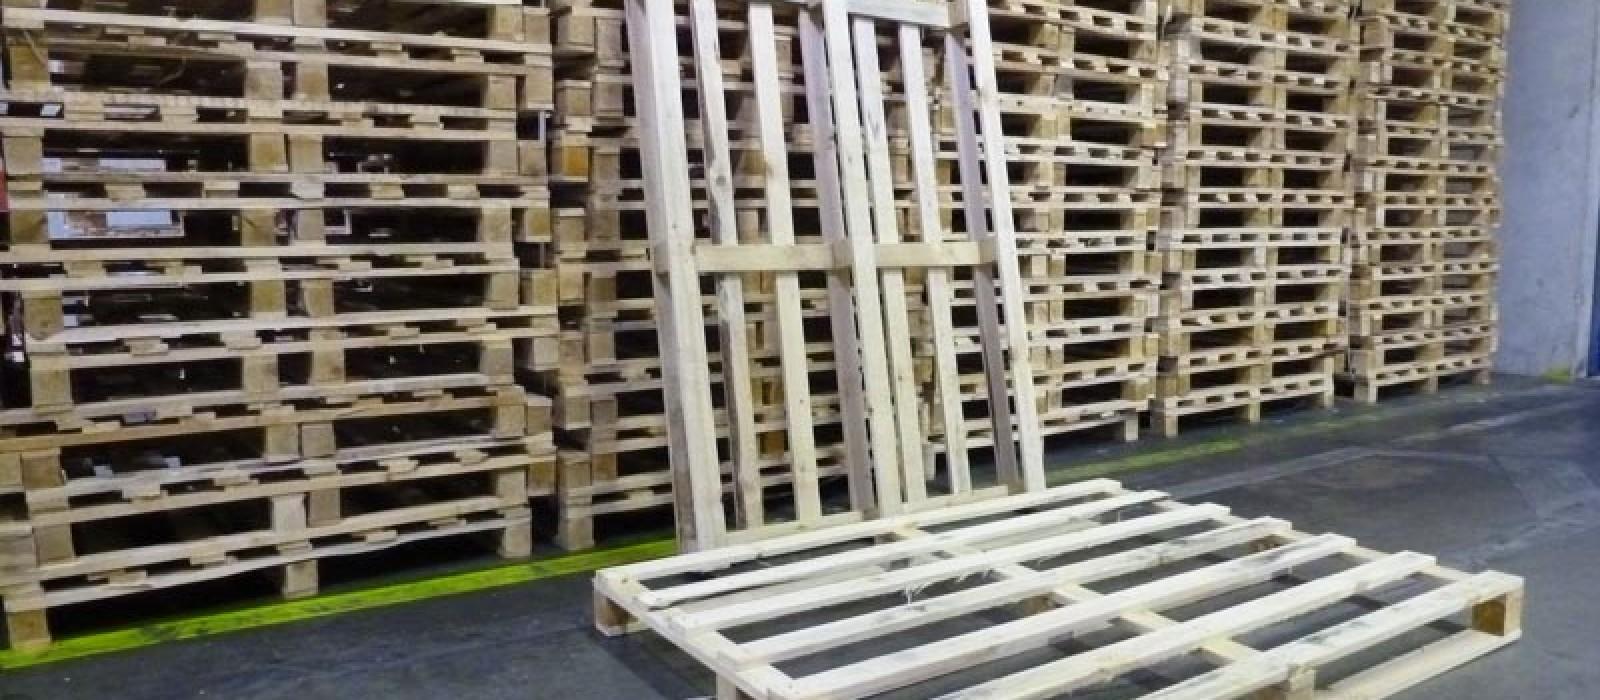 4 Wege Holzpalette Logpol